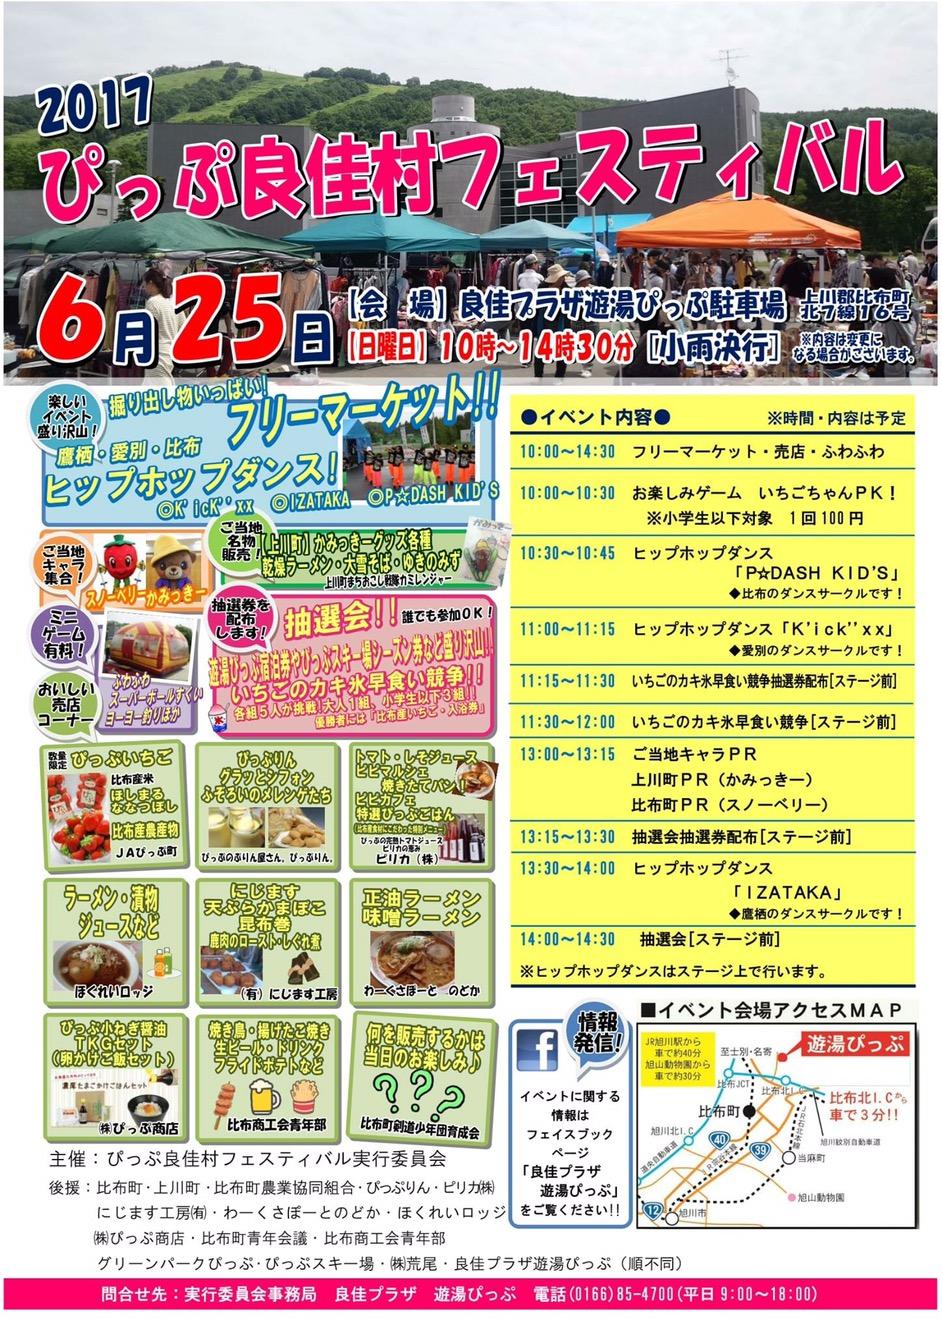 「ぴっぷ良佳村フェスティバル」イベントチラシ